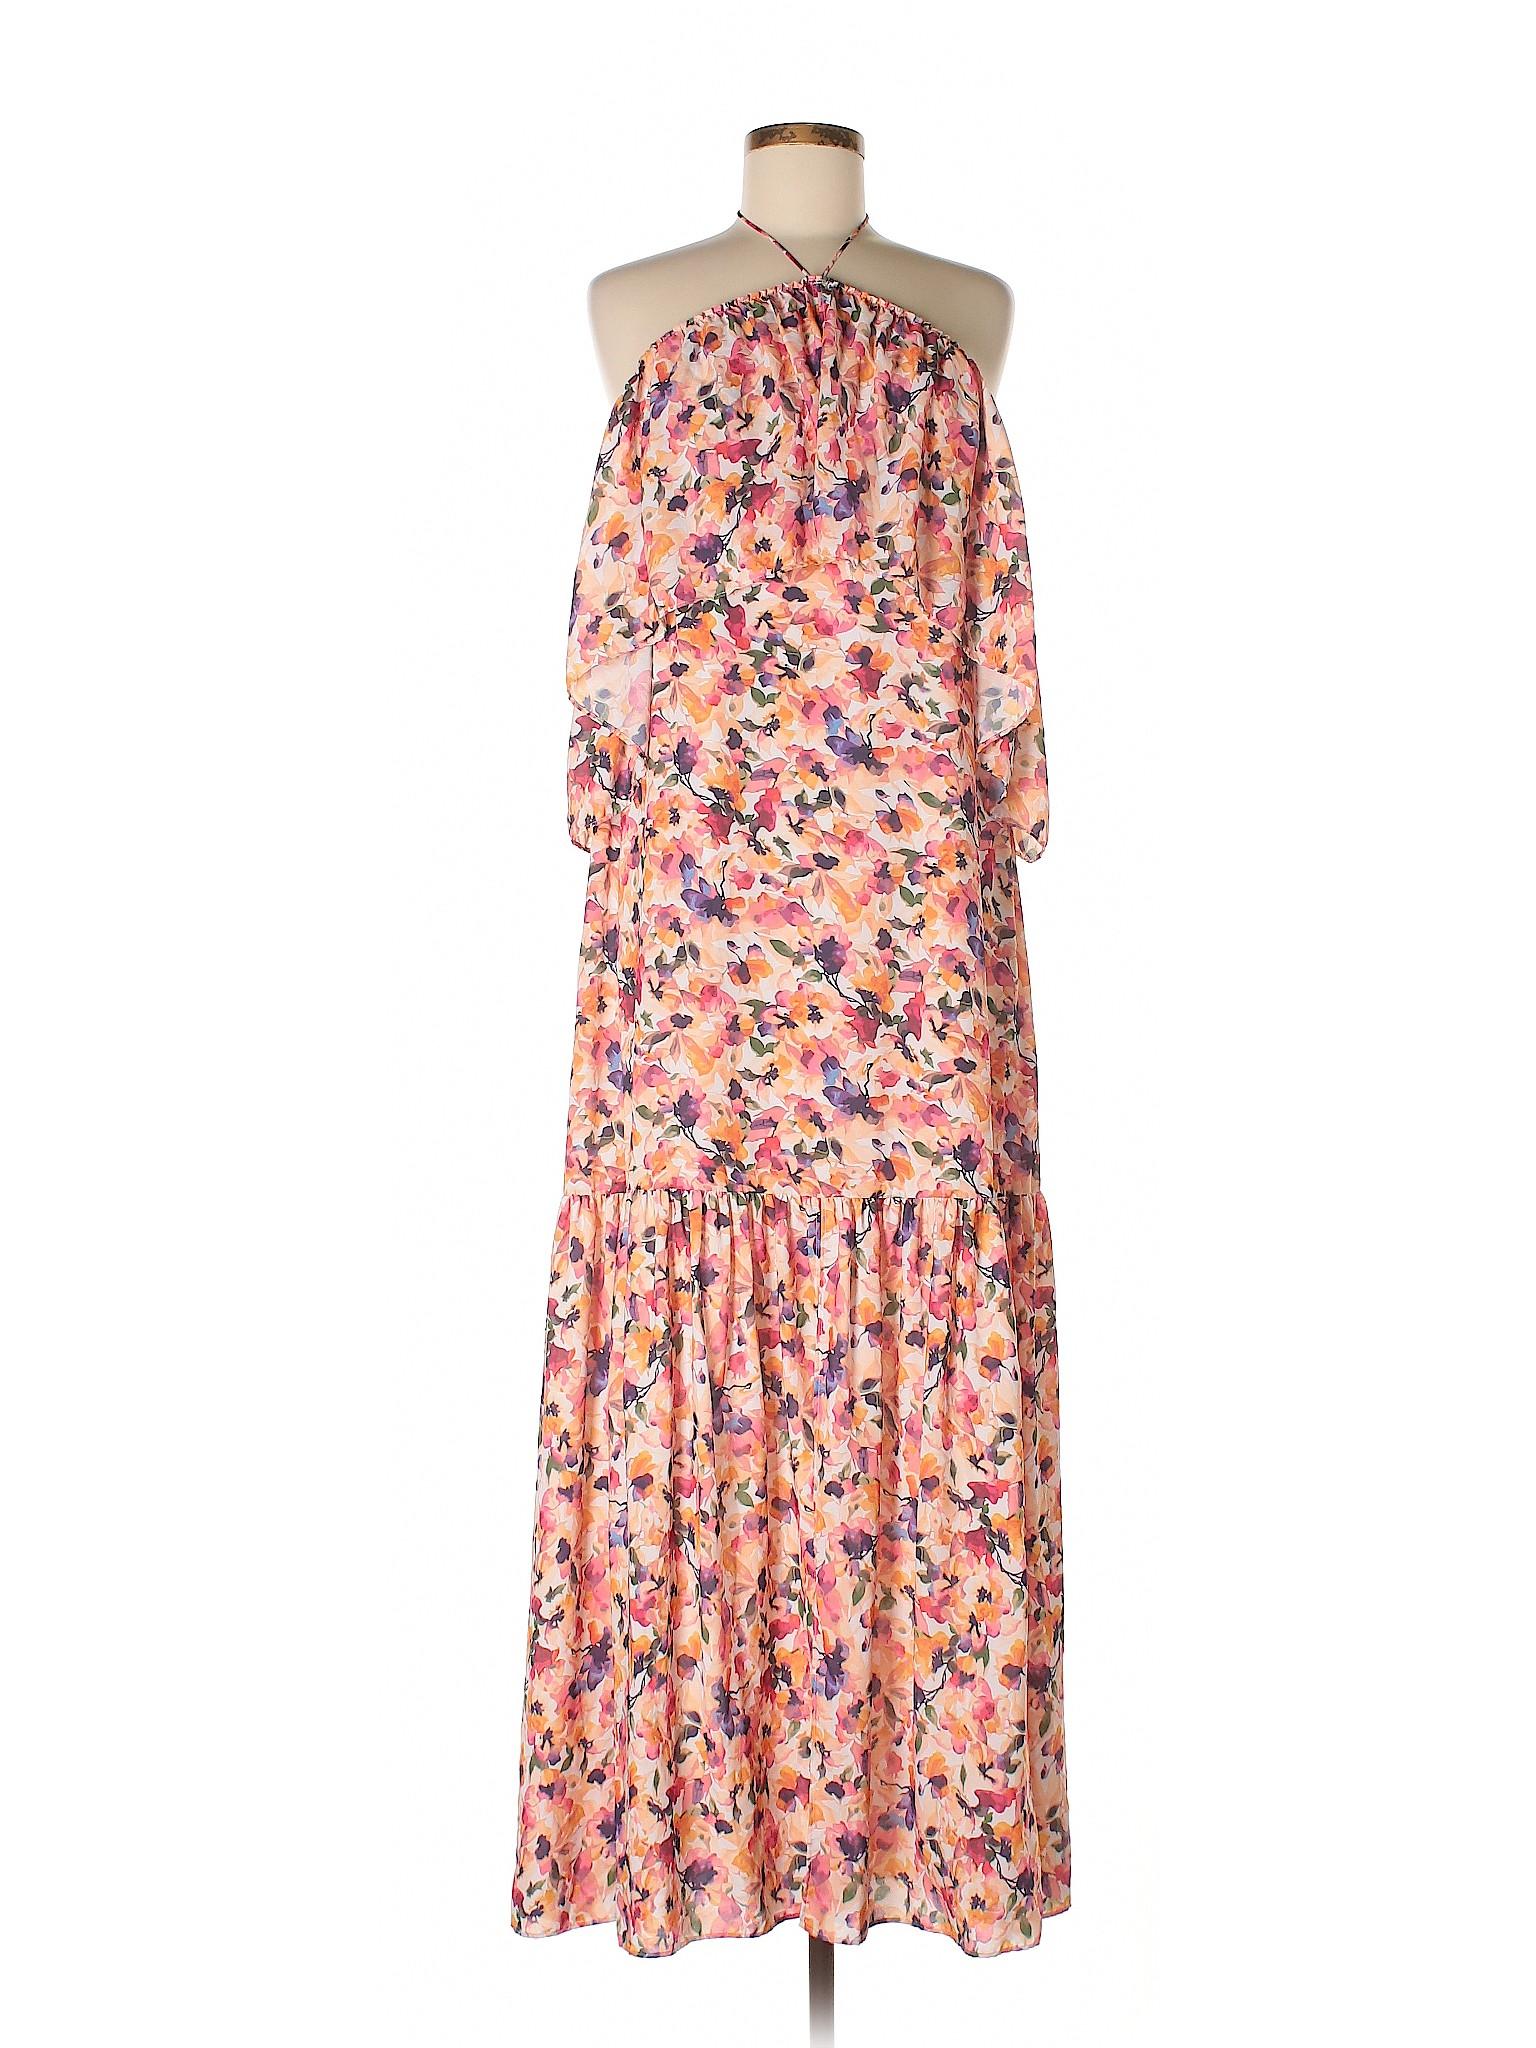 Boutique winter Casual Catherine Dress CATHERINE Malandrino rrqwPfFO